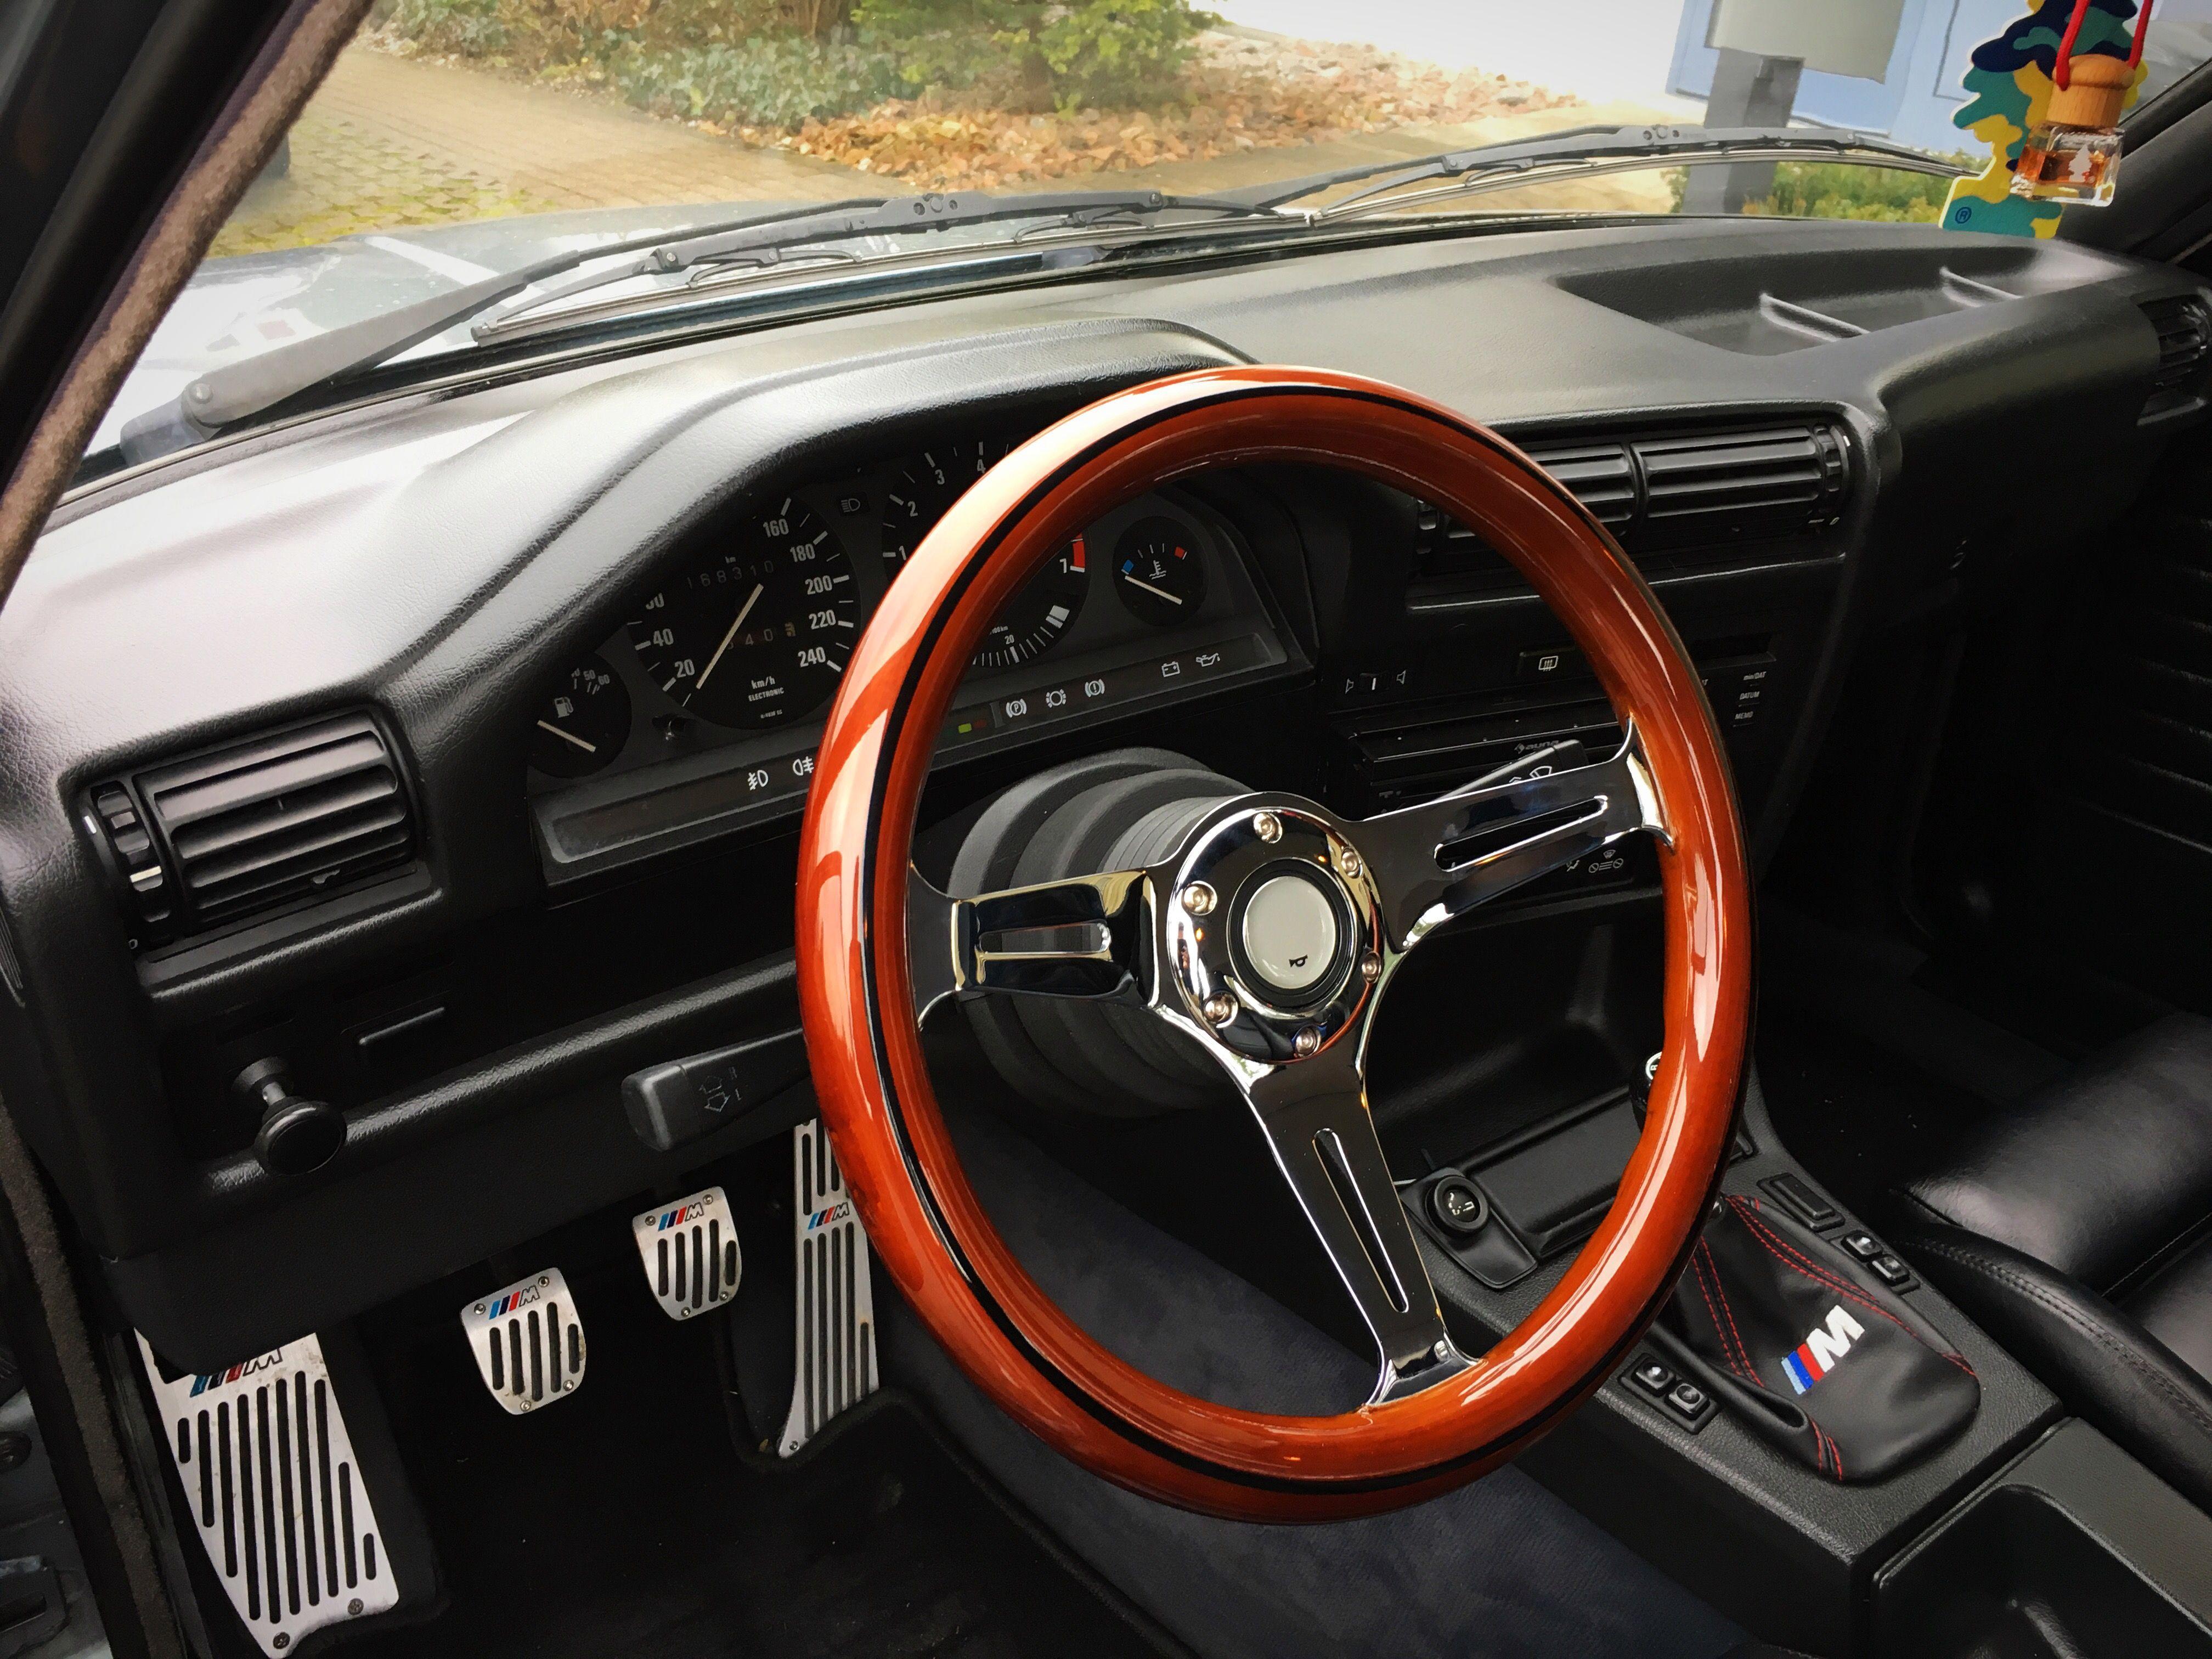 Bmw E30 Interior E30 Wood Steering Wheel Bmw E30 Interior Bmw E30 Bmw Interior